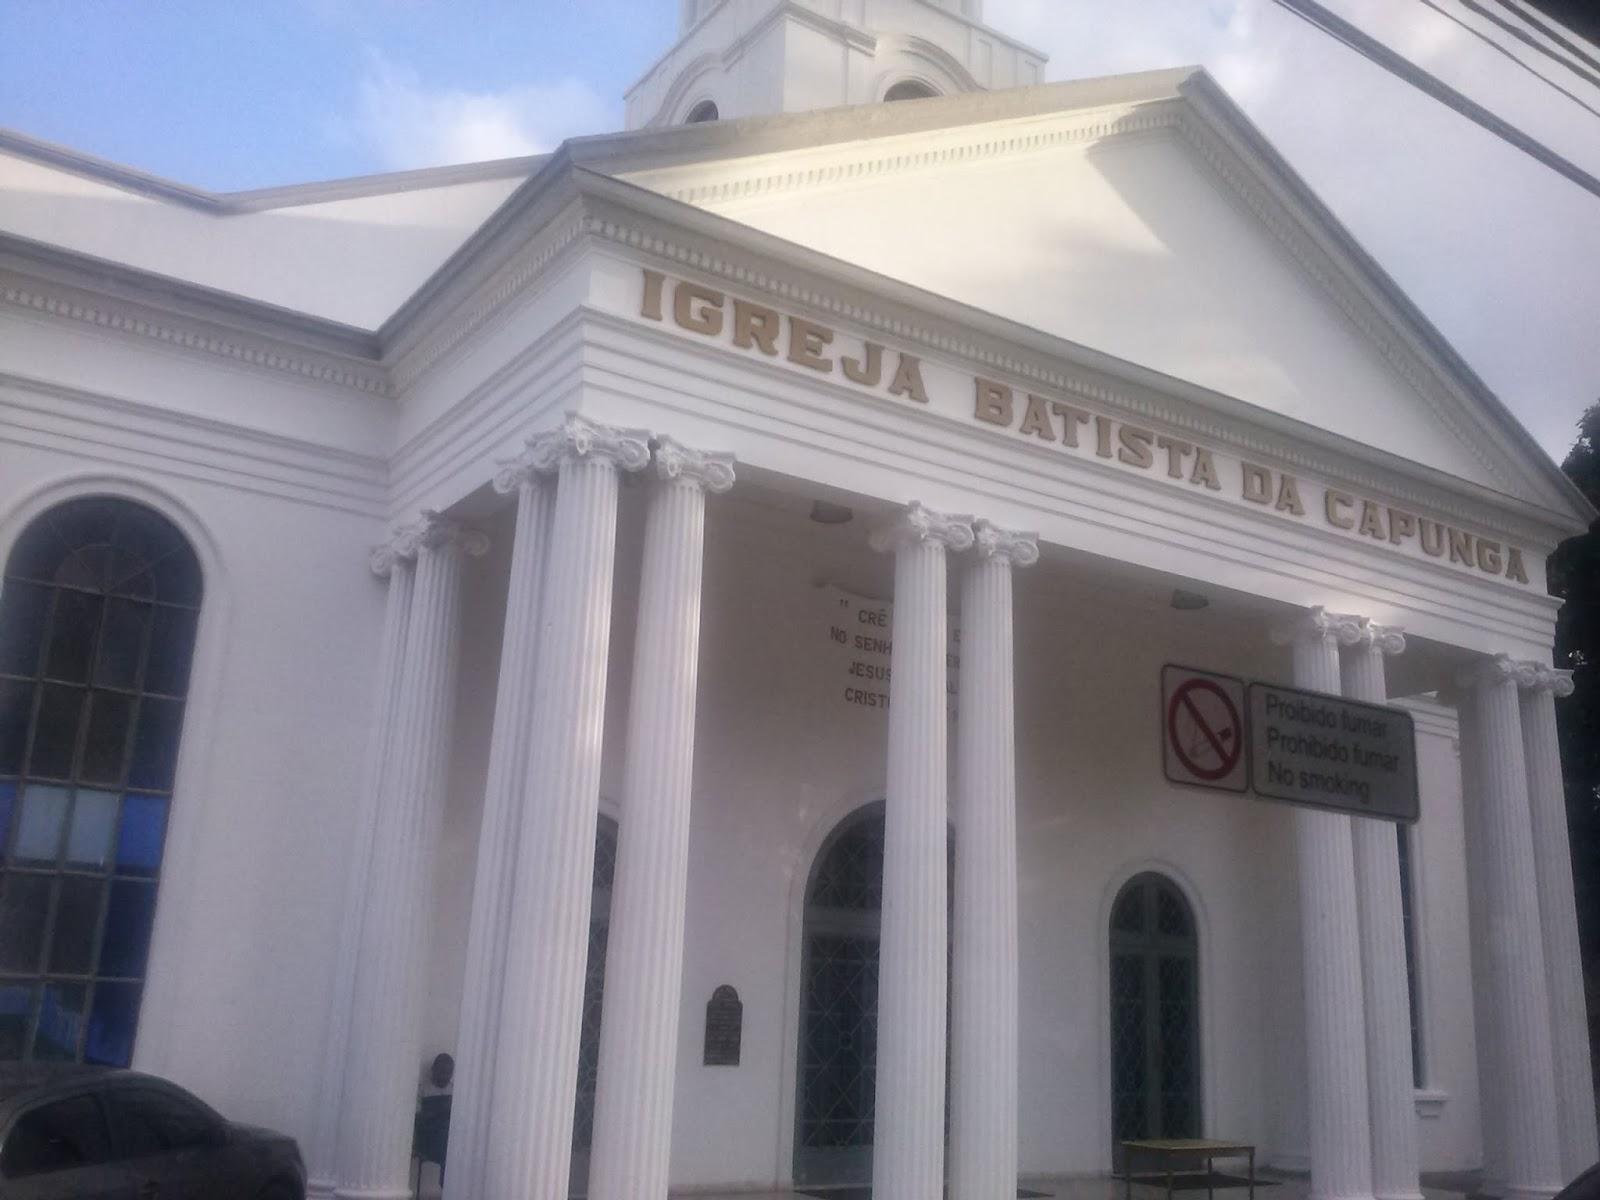 Igreja Batista da Capunga - Recife